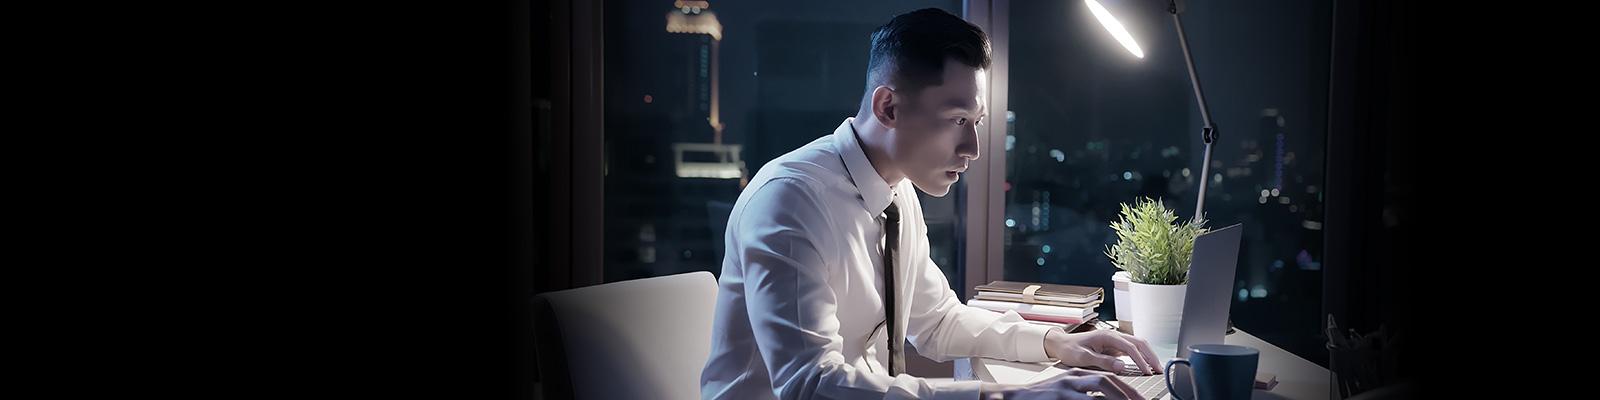 中国 オフィス ハードワーク イメージ